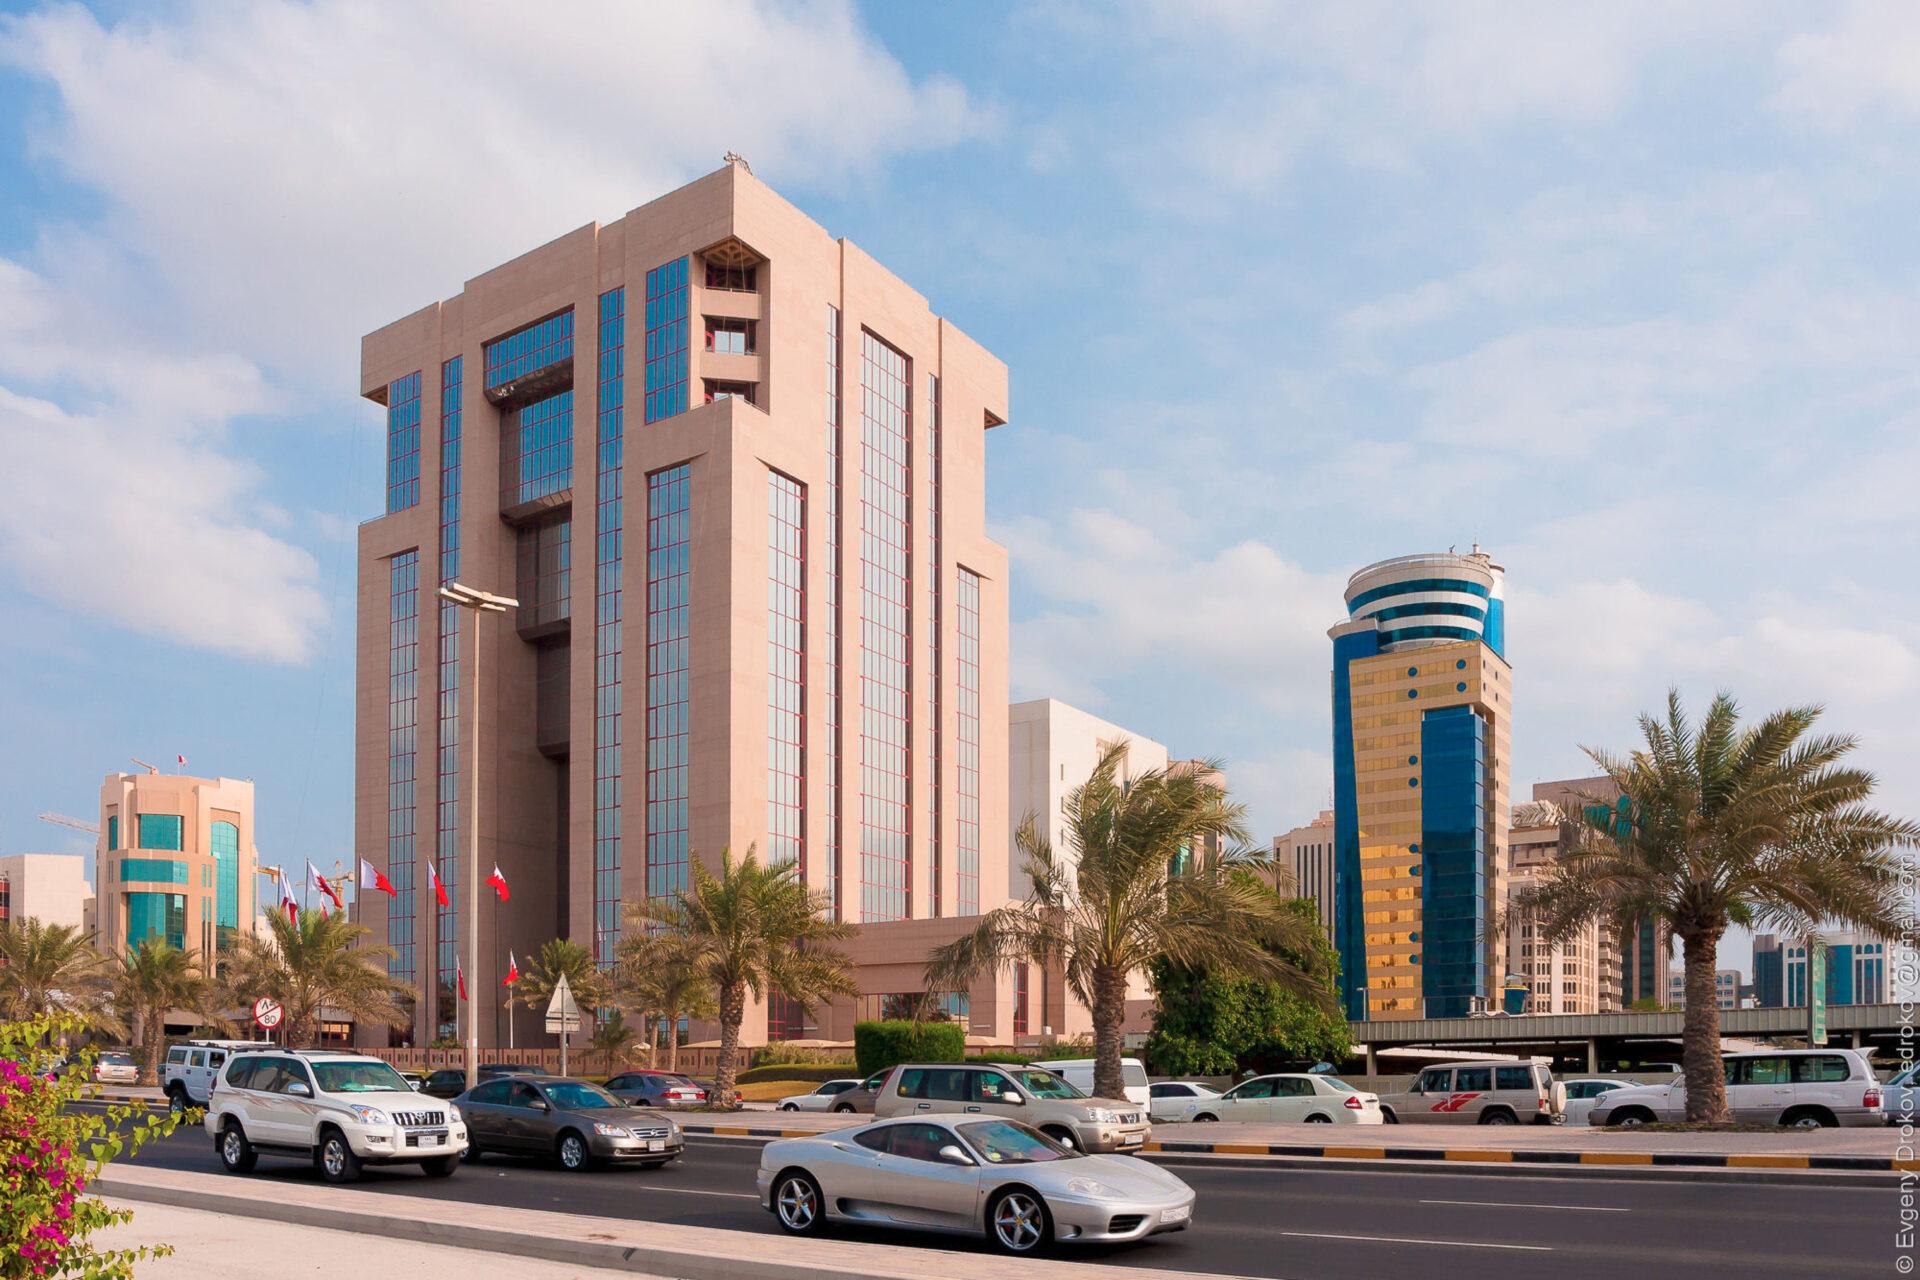 бахрейн фото столицы это метка рекламного